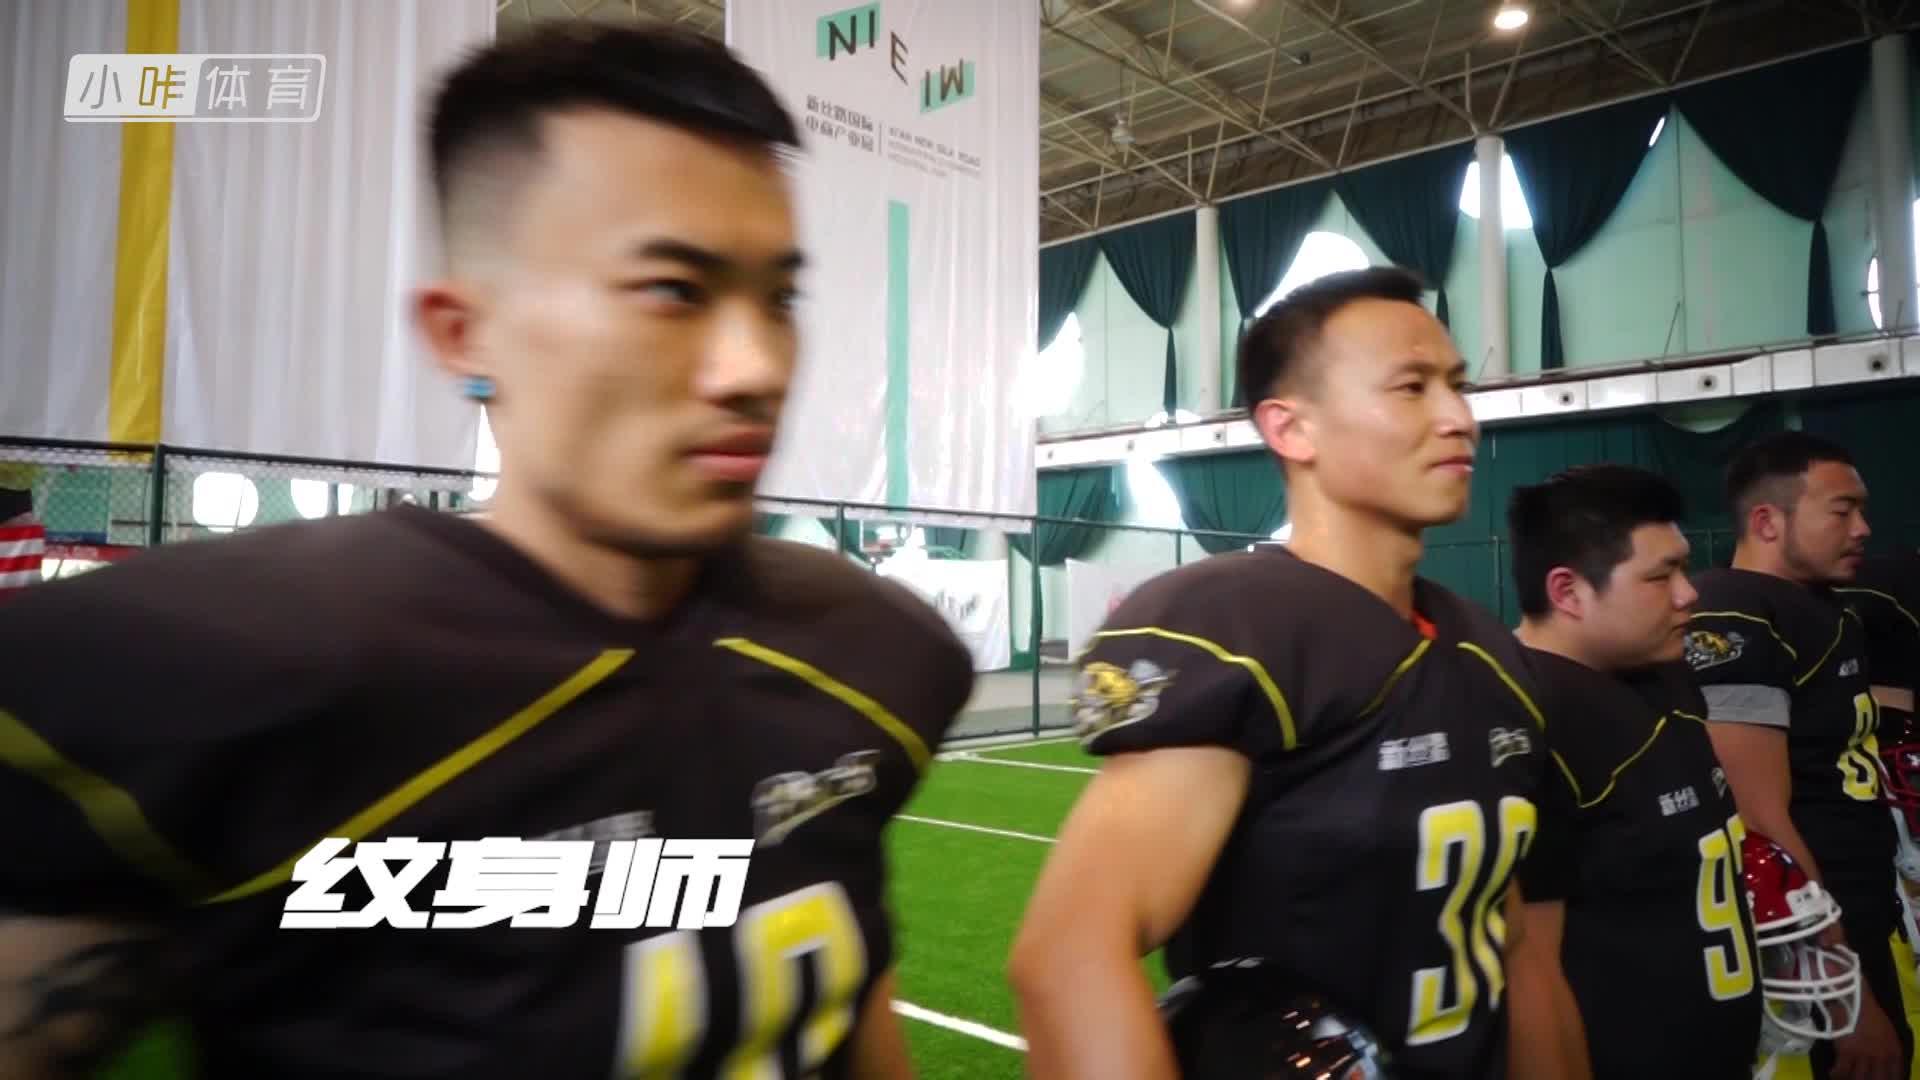 西安新丝路云豹橄榄球俱乐部赛季宣传片:Who Am I